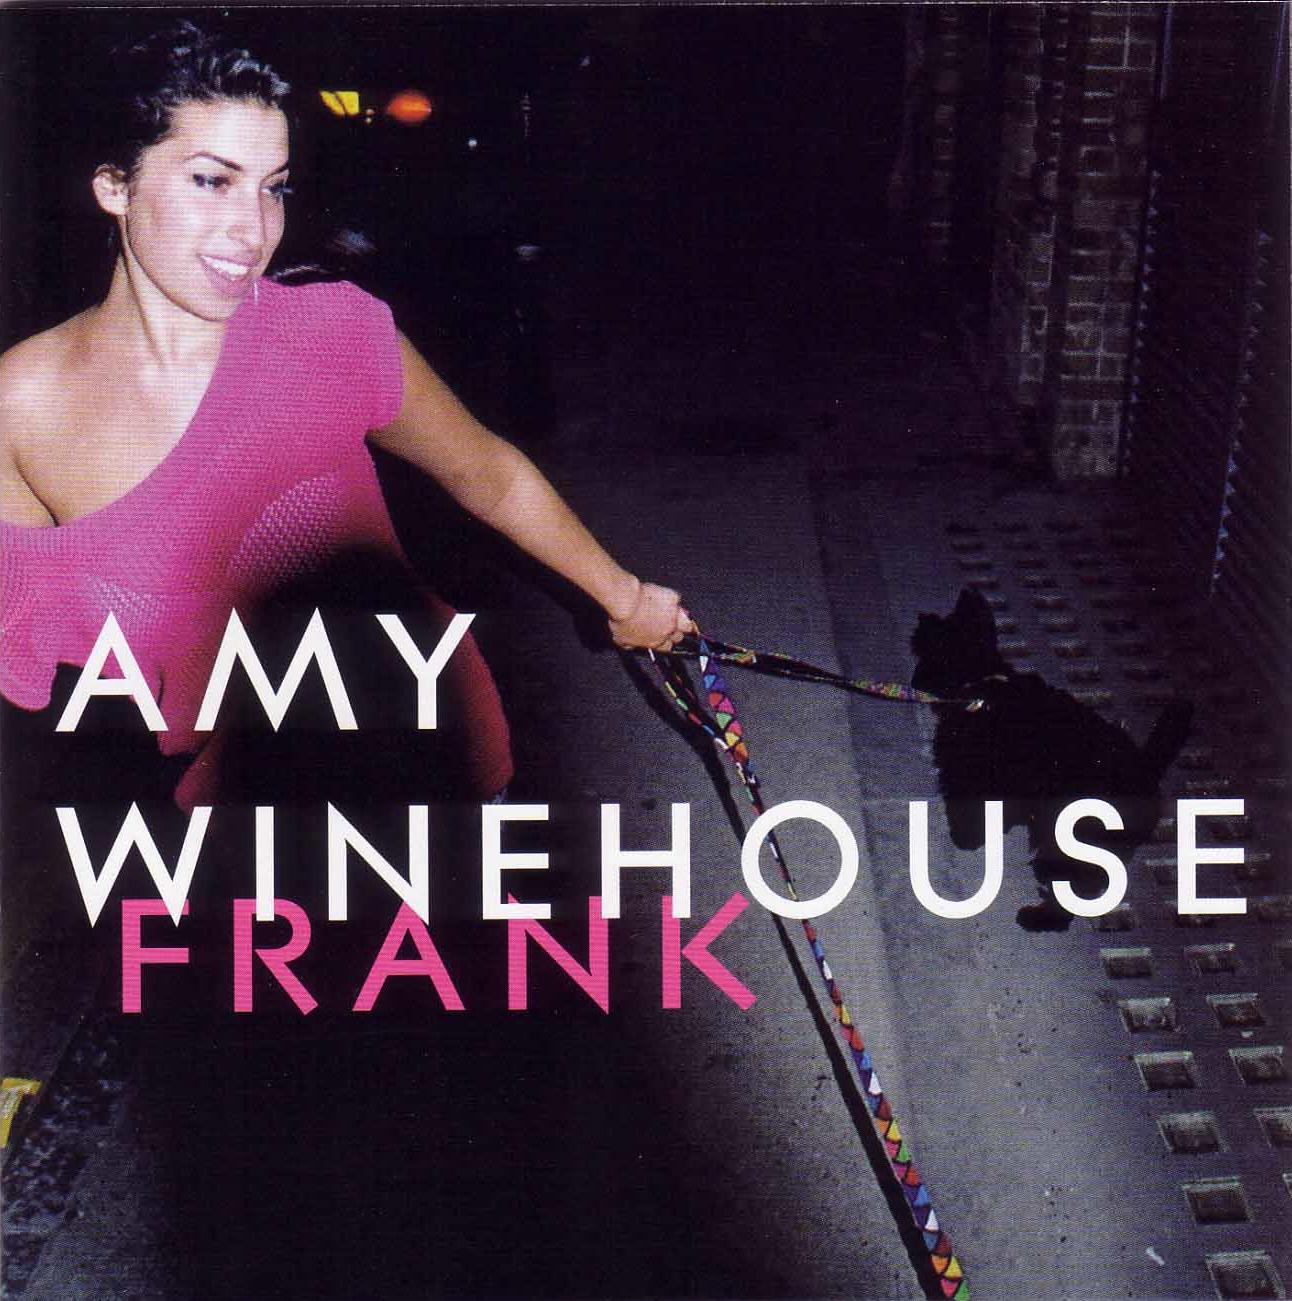 http://4.bp.blogspot.com/-4hGPDB4-fwU/Ti4cBckDuSI/AAAAAAAAFGc/Zc5OtNx0mhA/s1600/Amy_Winehouse_-_Frank-%255BFront%255D-%255Bwww.FreeCovers.jpg